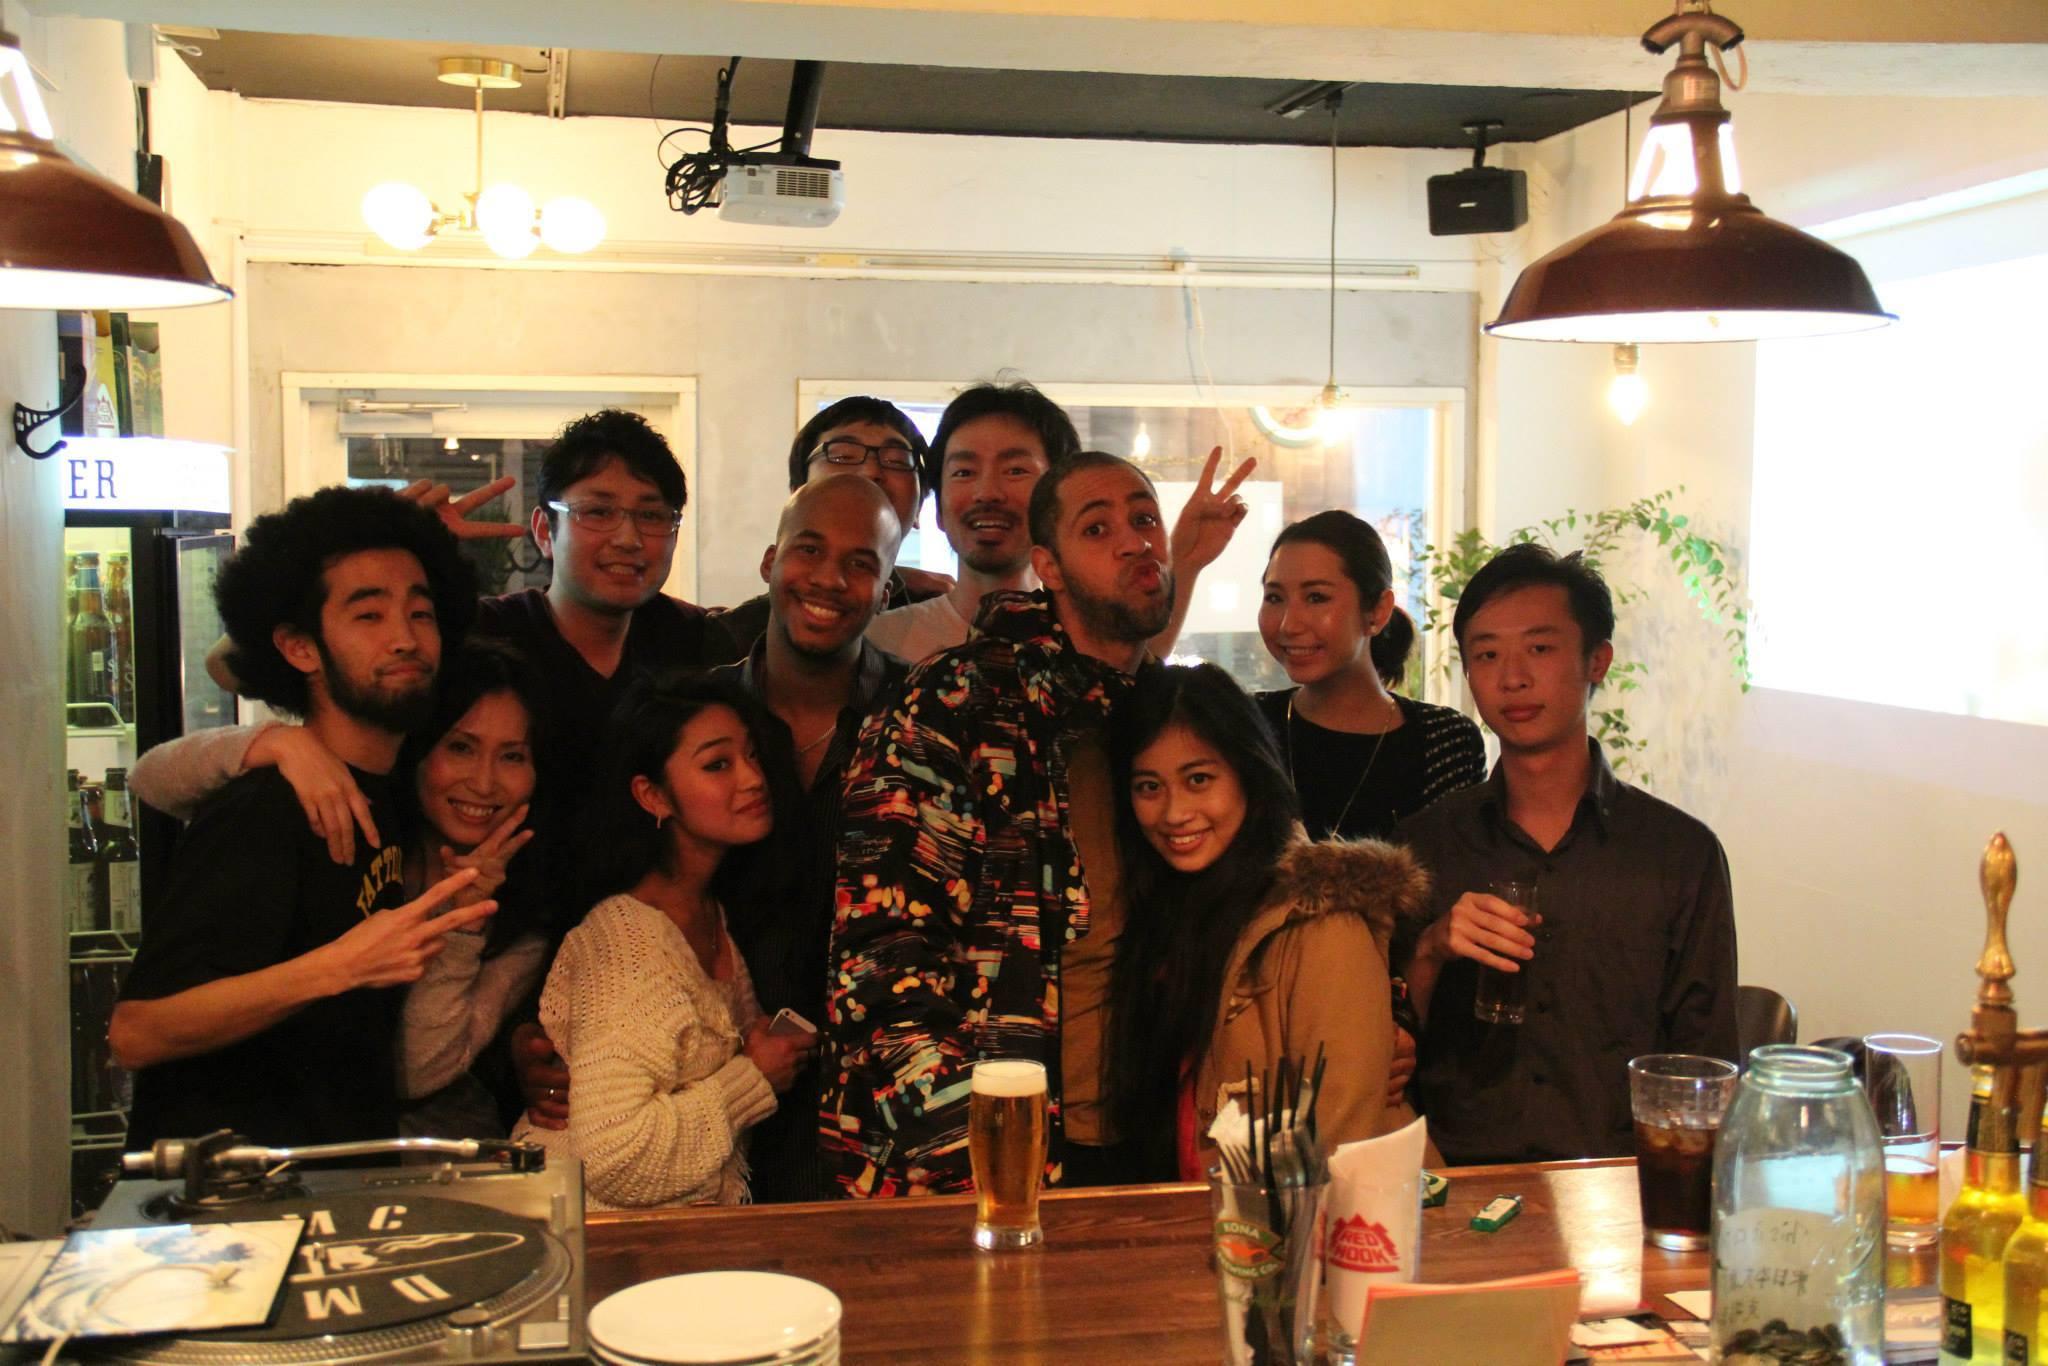 大学時代の仲間と一緒に撮った写真